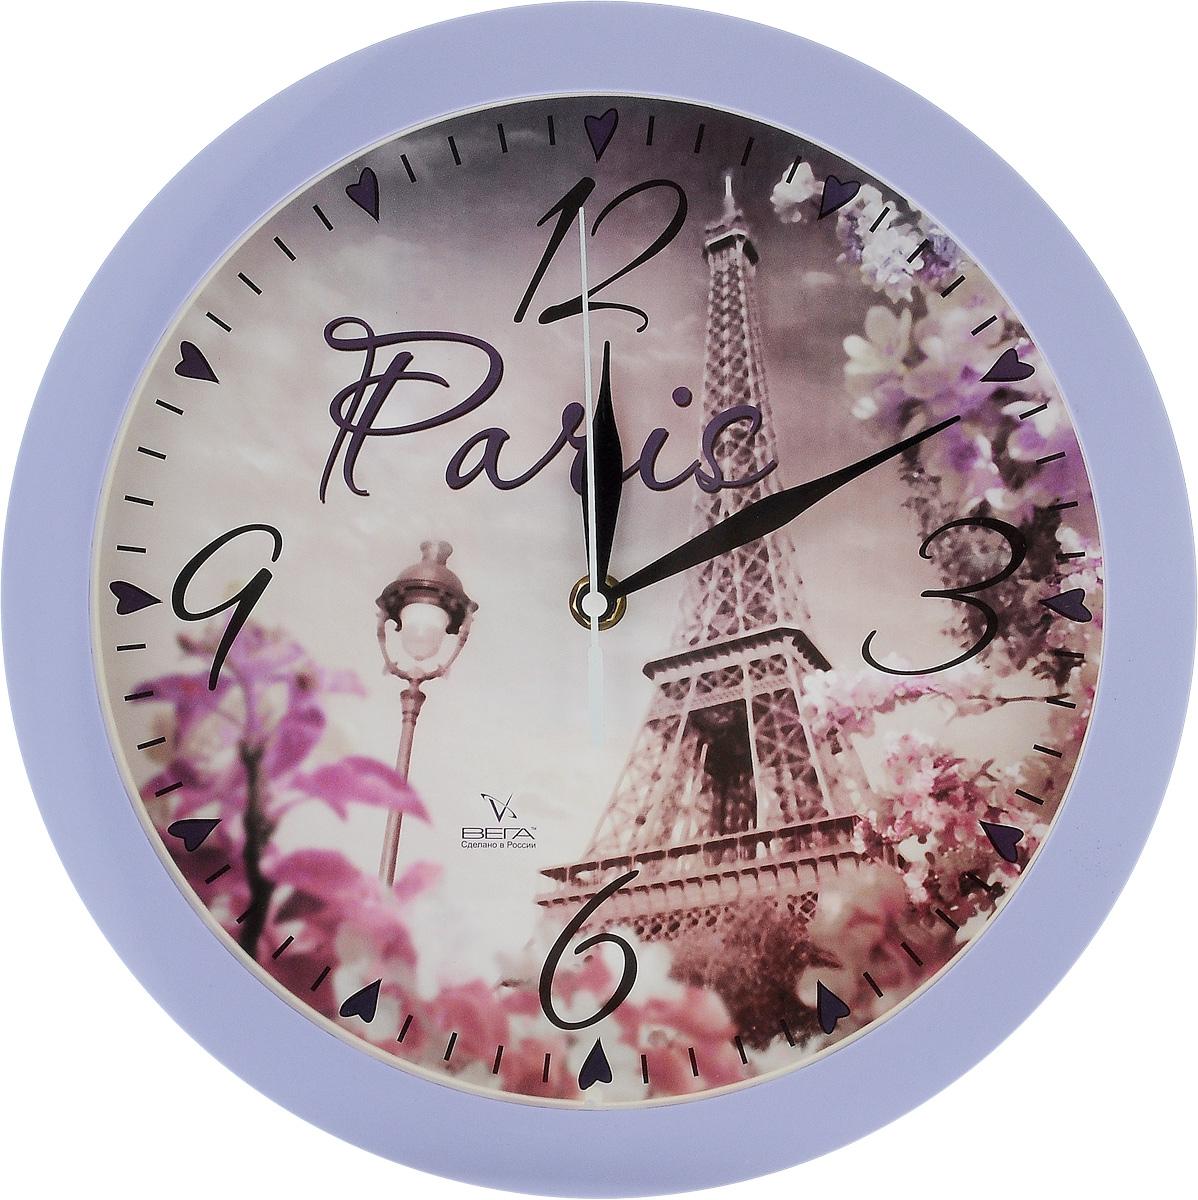 Часы настенные Вега Париж, диаметр 28,5 смД1НД/7-97Настенные кварцевые часы Вега Париж, изготовленные из пластика, прекрасно впишутся в интерьер вашего дома. Часы имеют три стрелки: часовую, минутную и секундную, циферблат защищен прозрачным стеклом. Часы работают от 1 батарейки типа АА напряжением 1,5 В (не входит в комплект).Прилагается инструкция по эксплуатации.